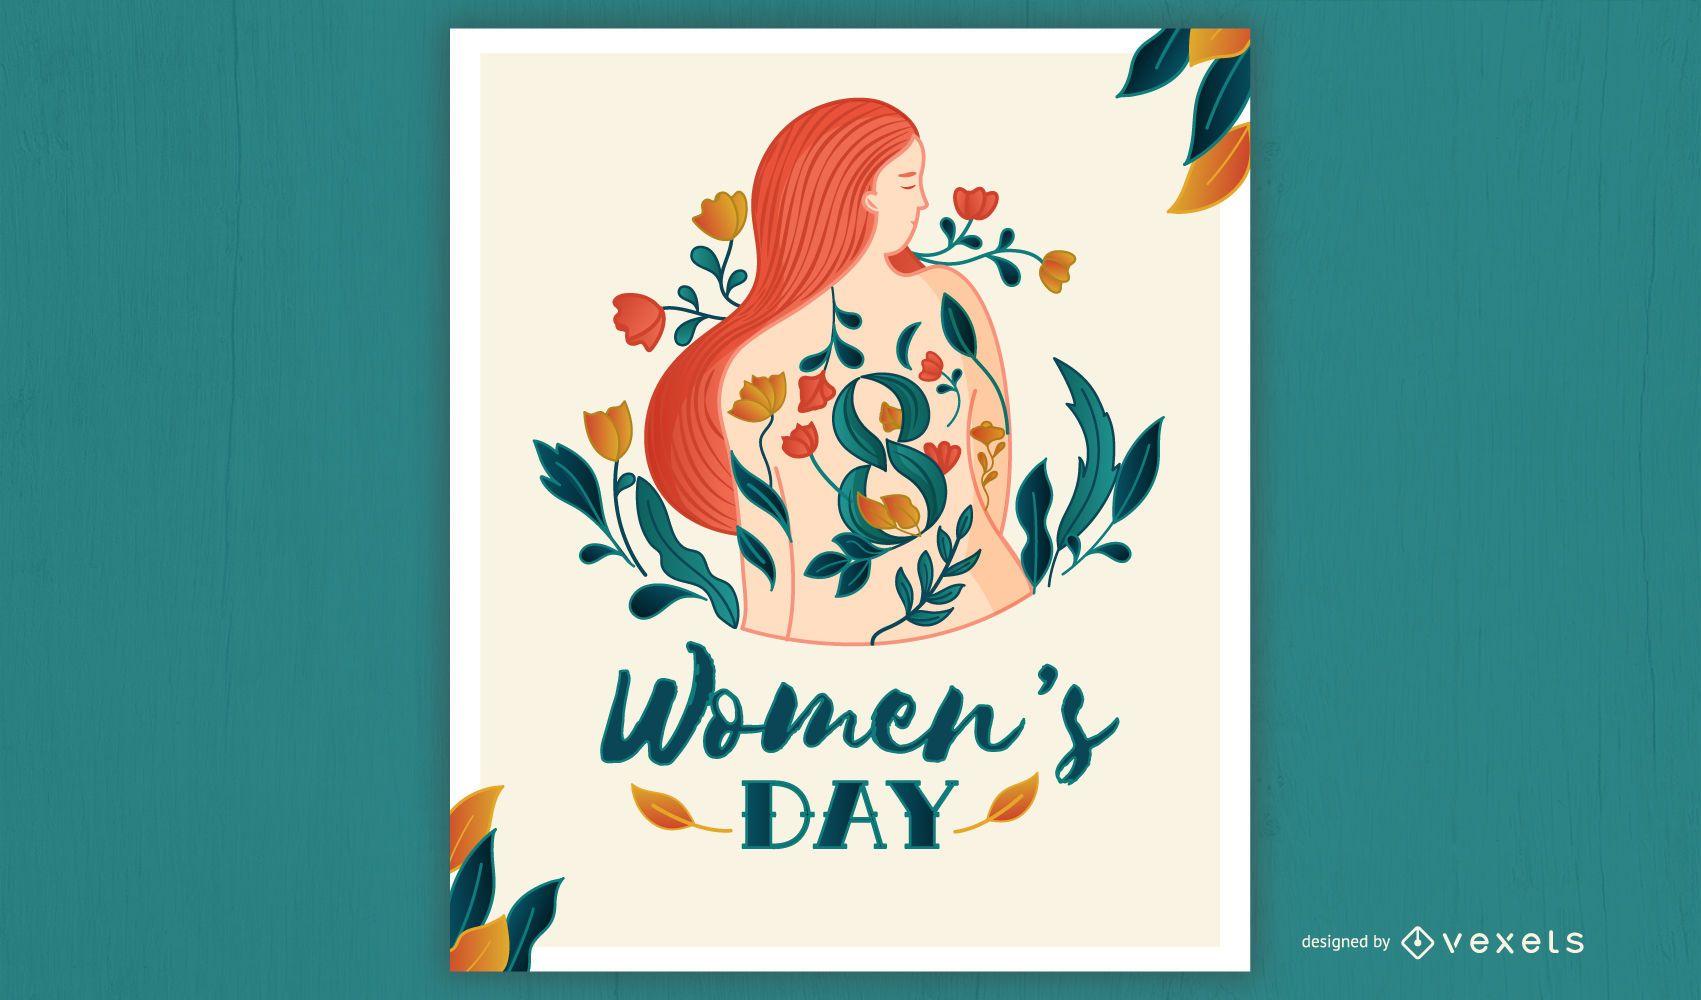 Women's Day Illustration Poster Design